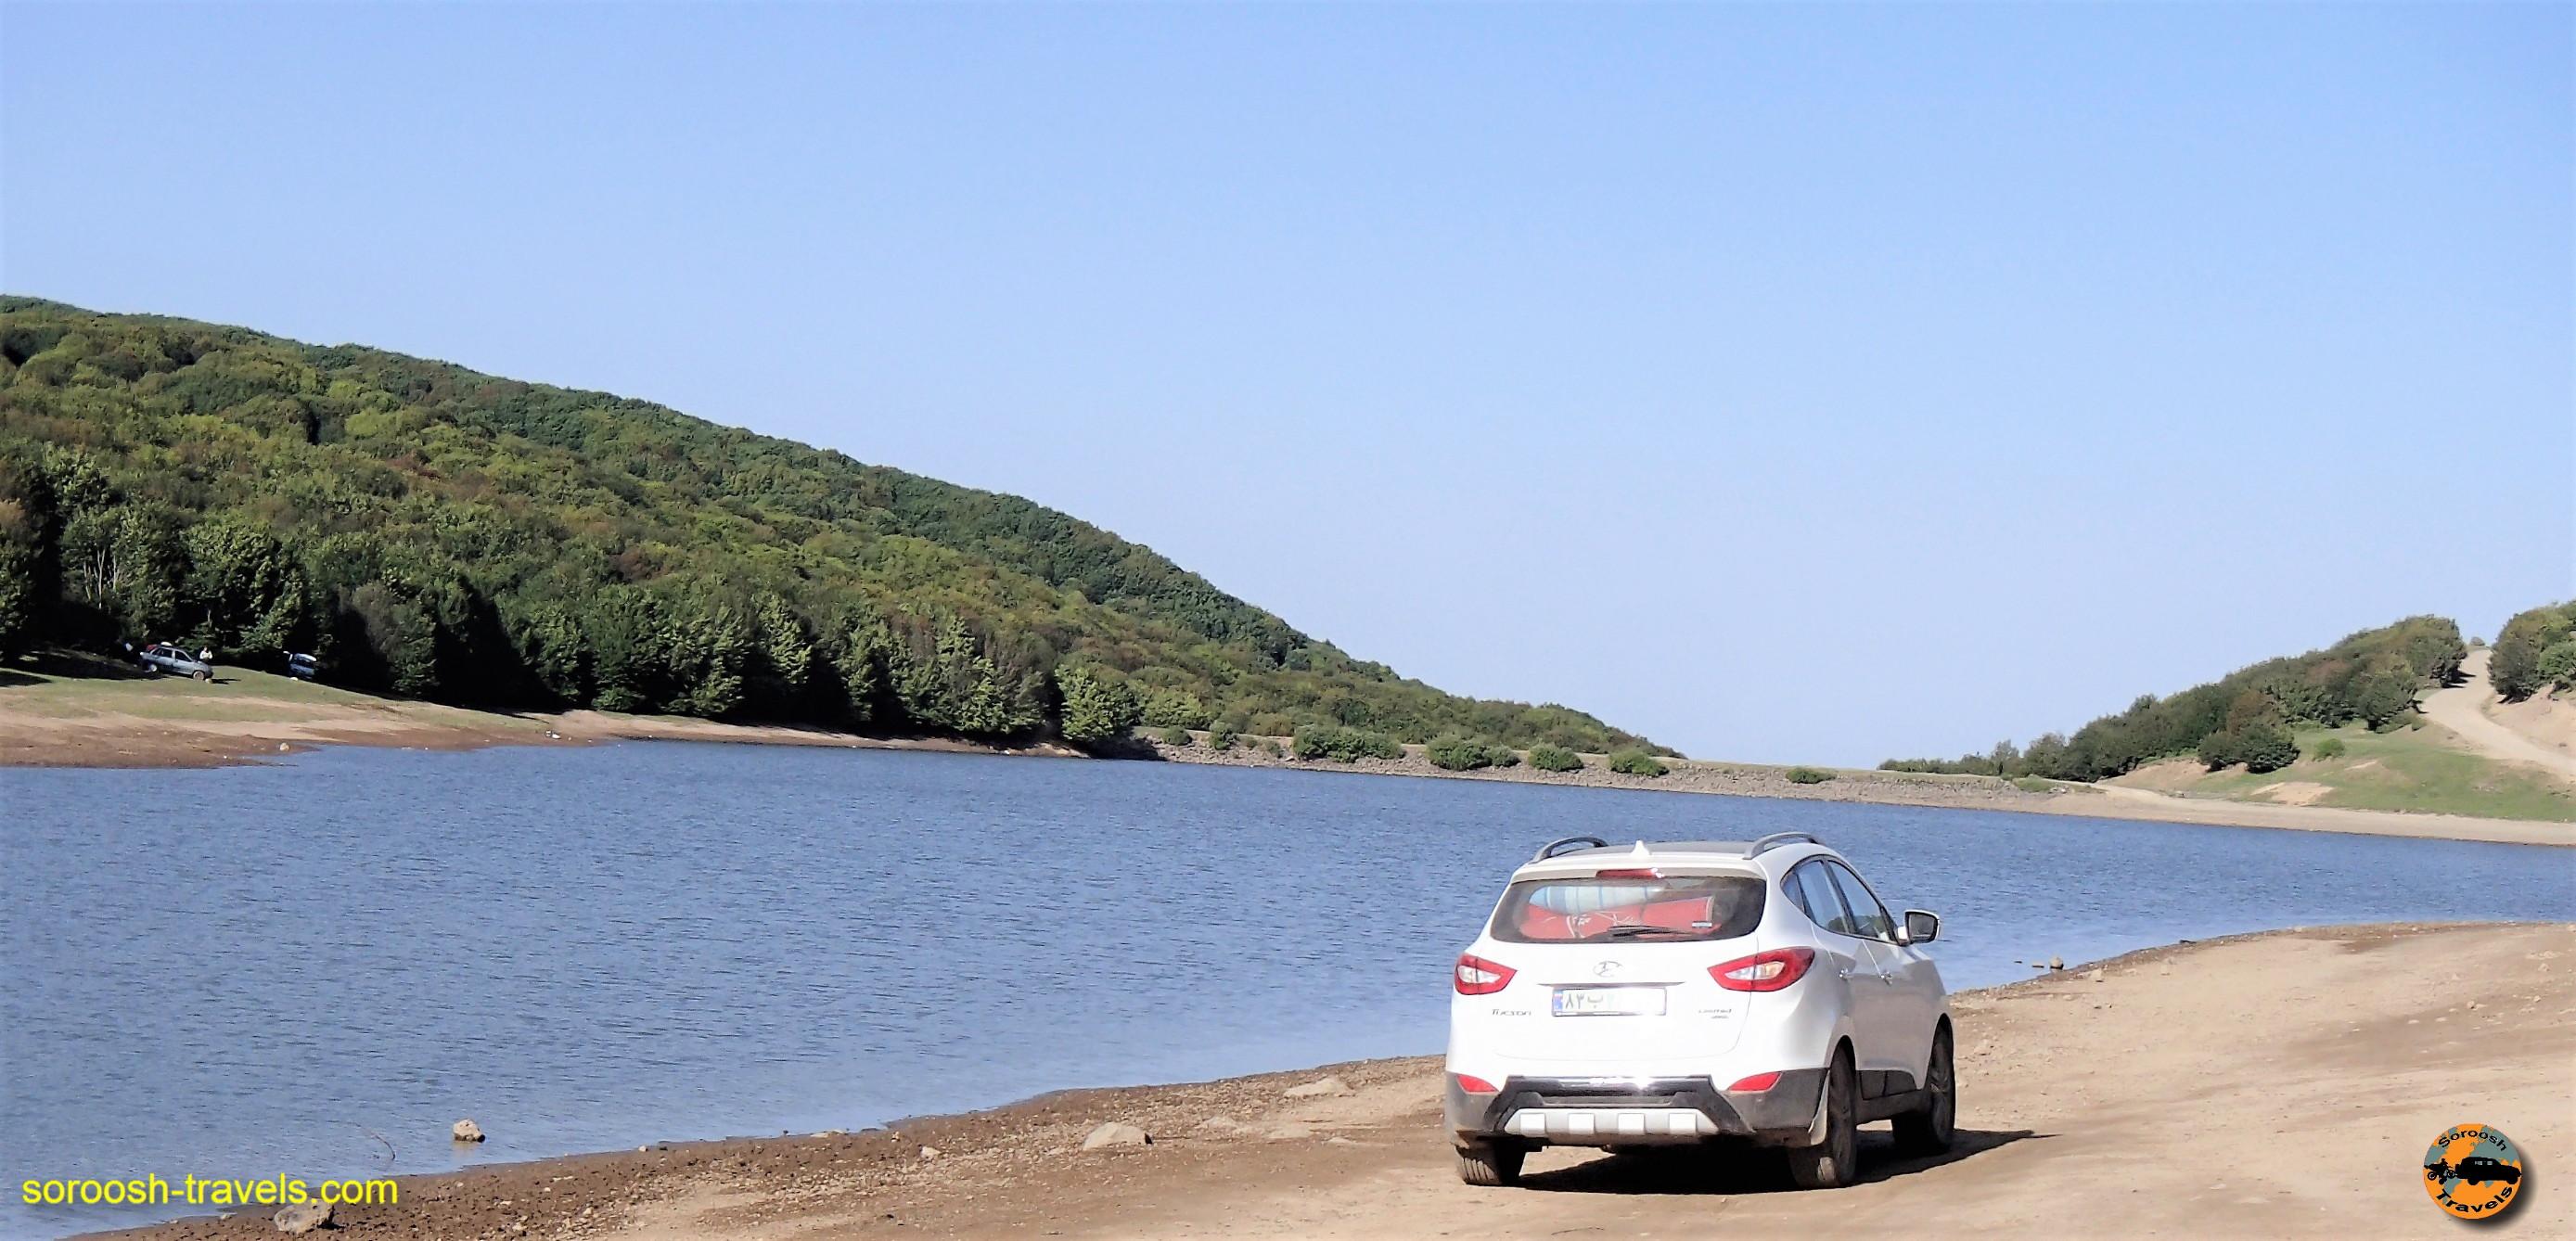 اقامت در حاشیه دریاچه سوها - تابستان ۱۳۹۶